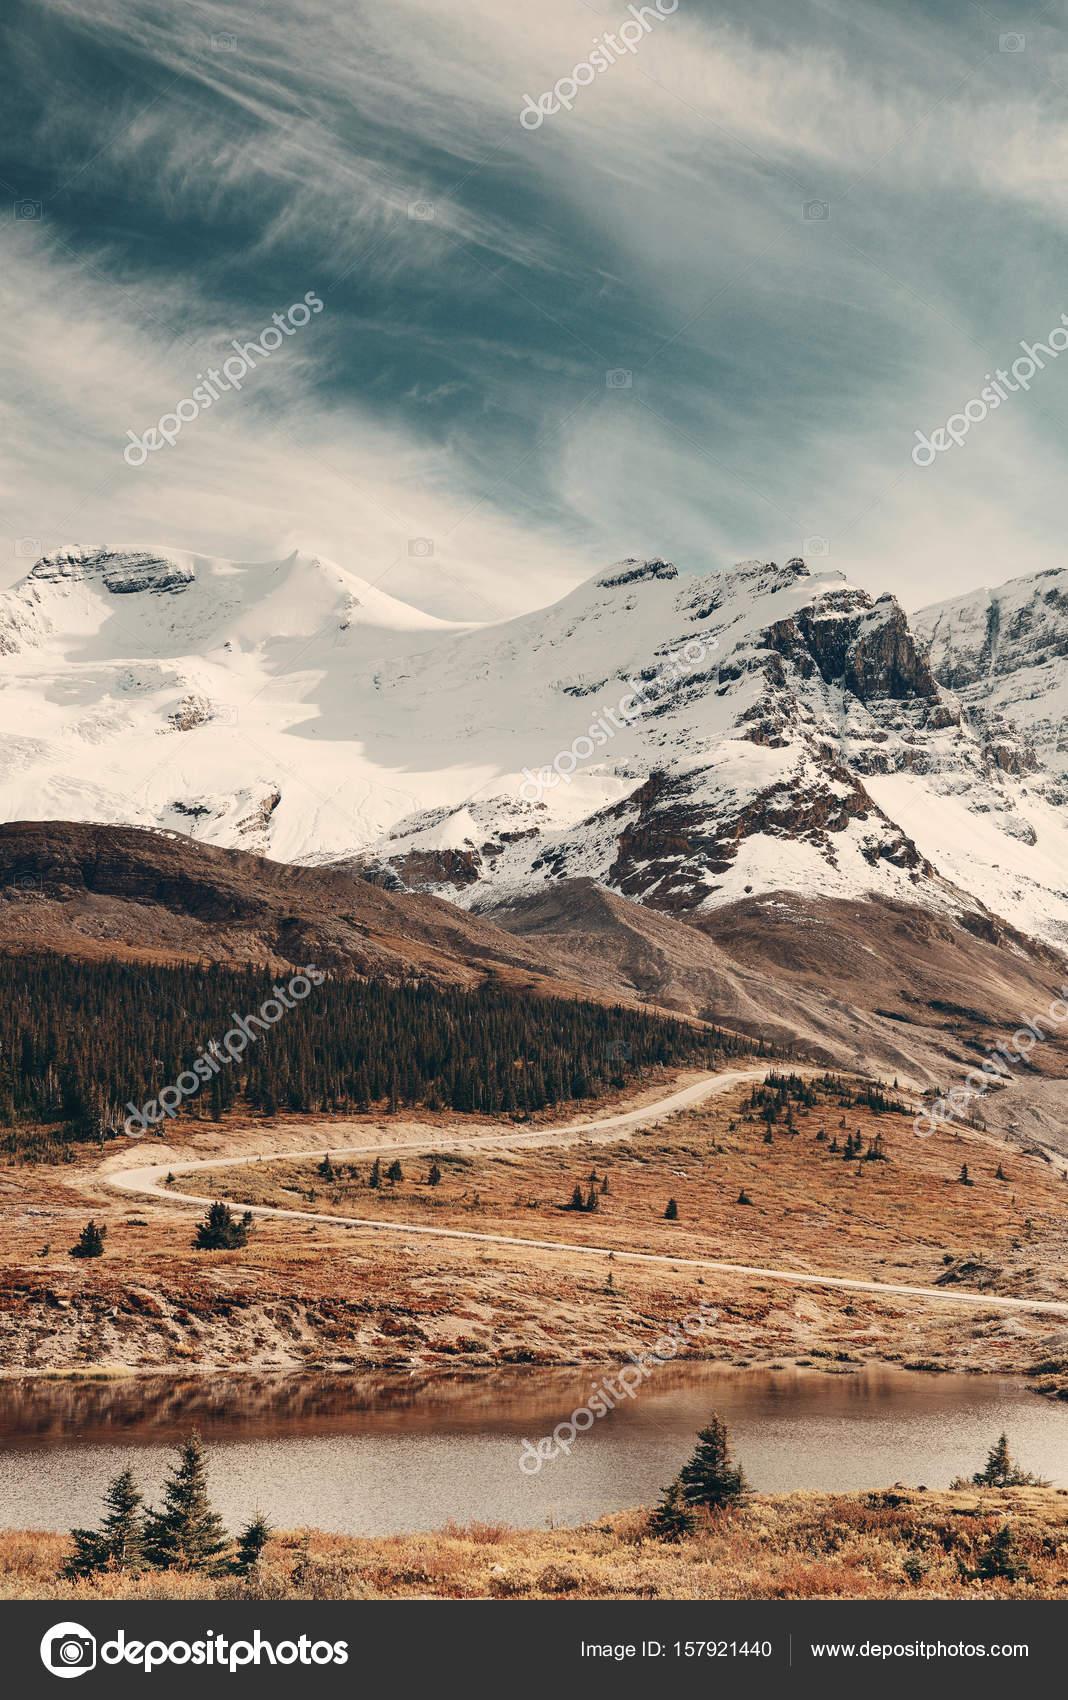 Montagnes Les De Glace Columbia Couvertes Champ Avec Neige awXCIxaP